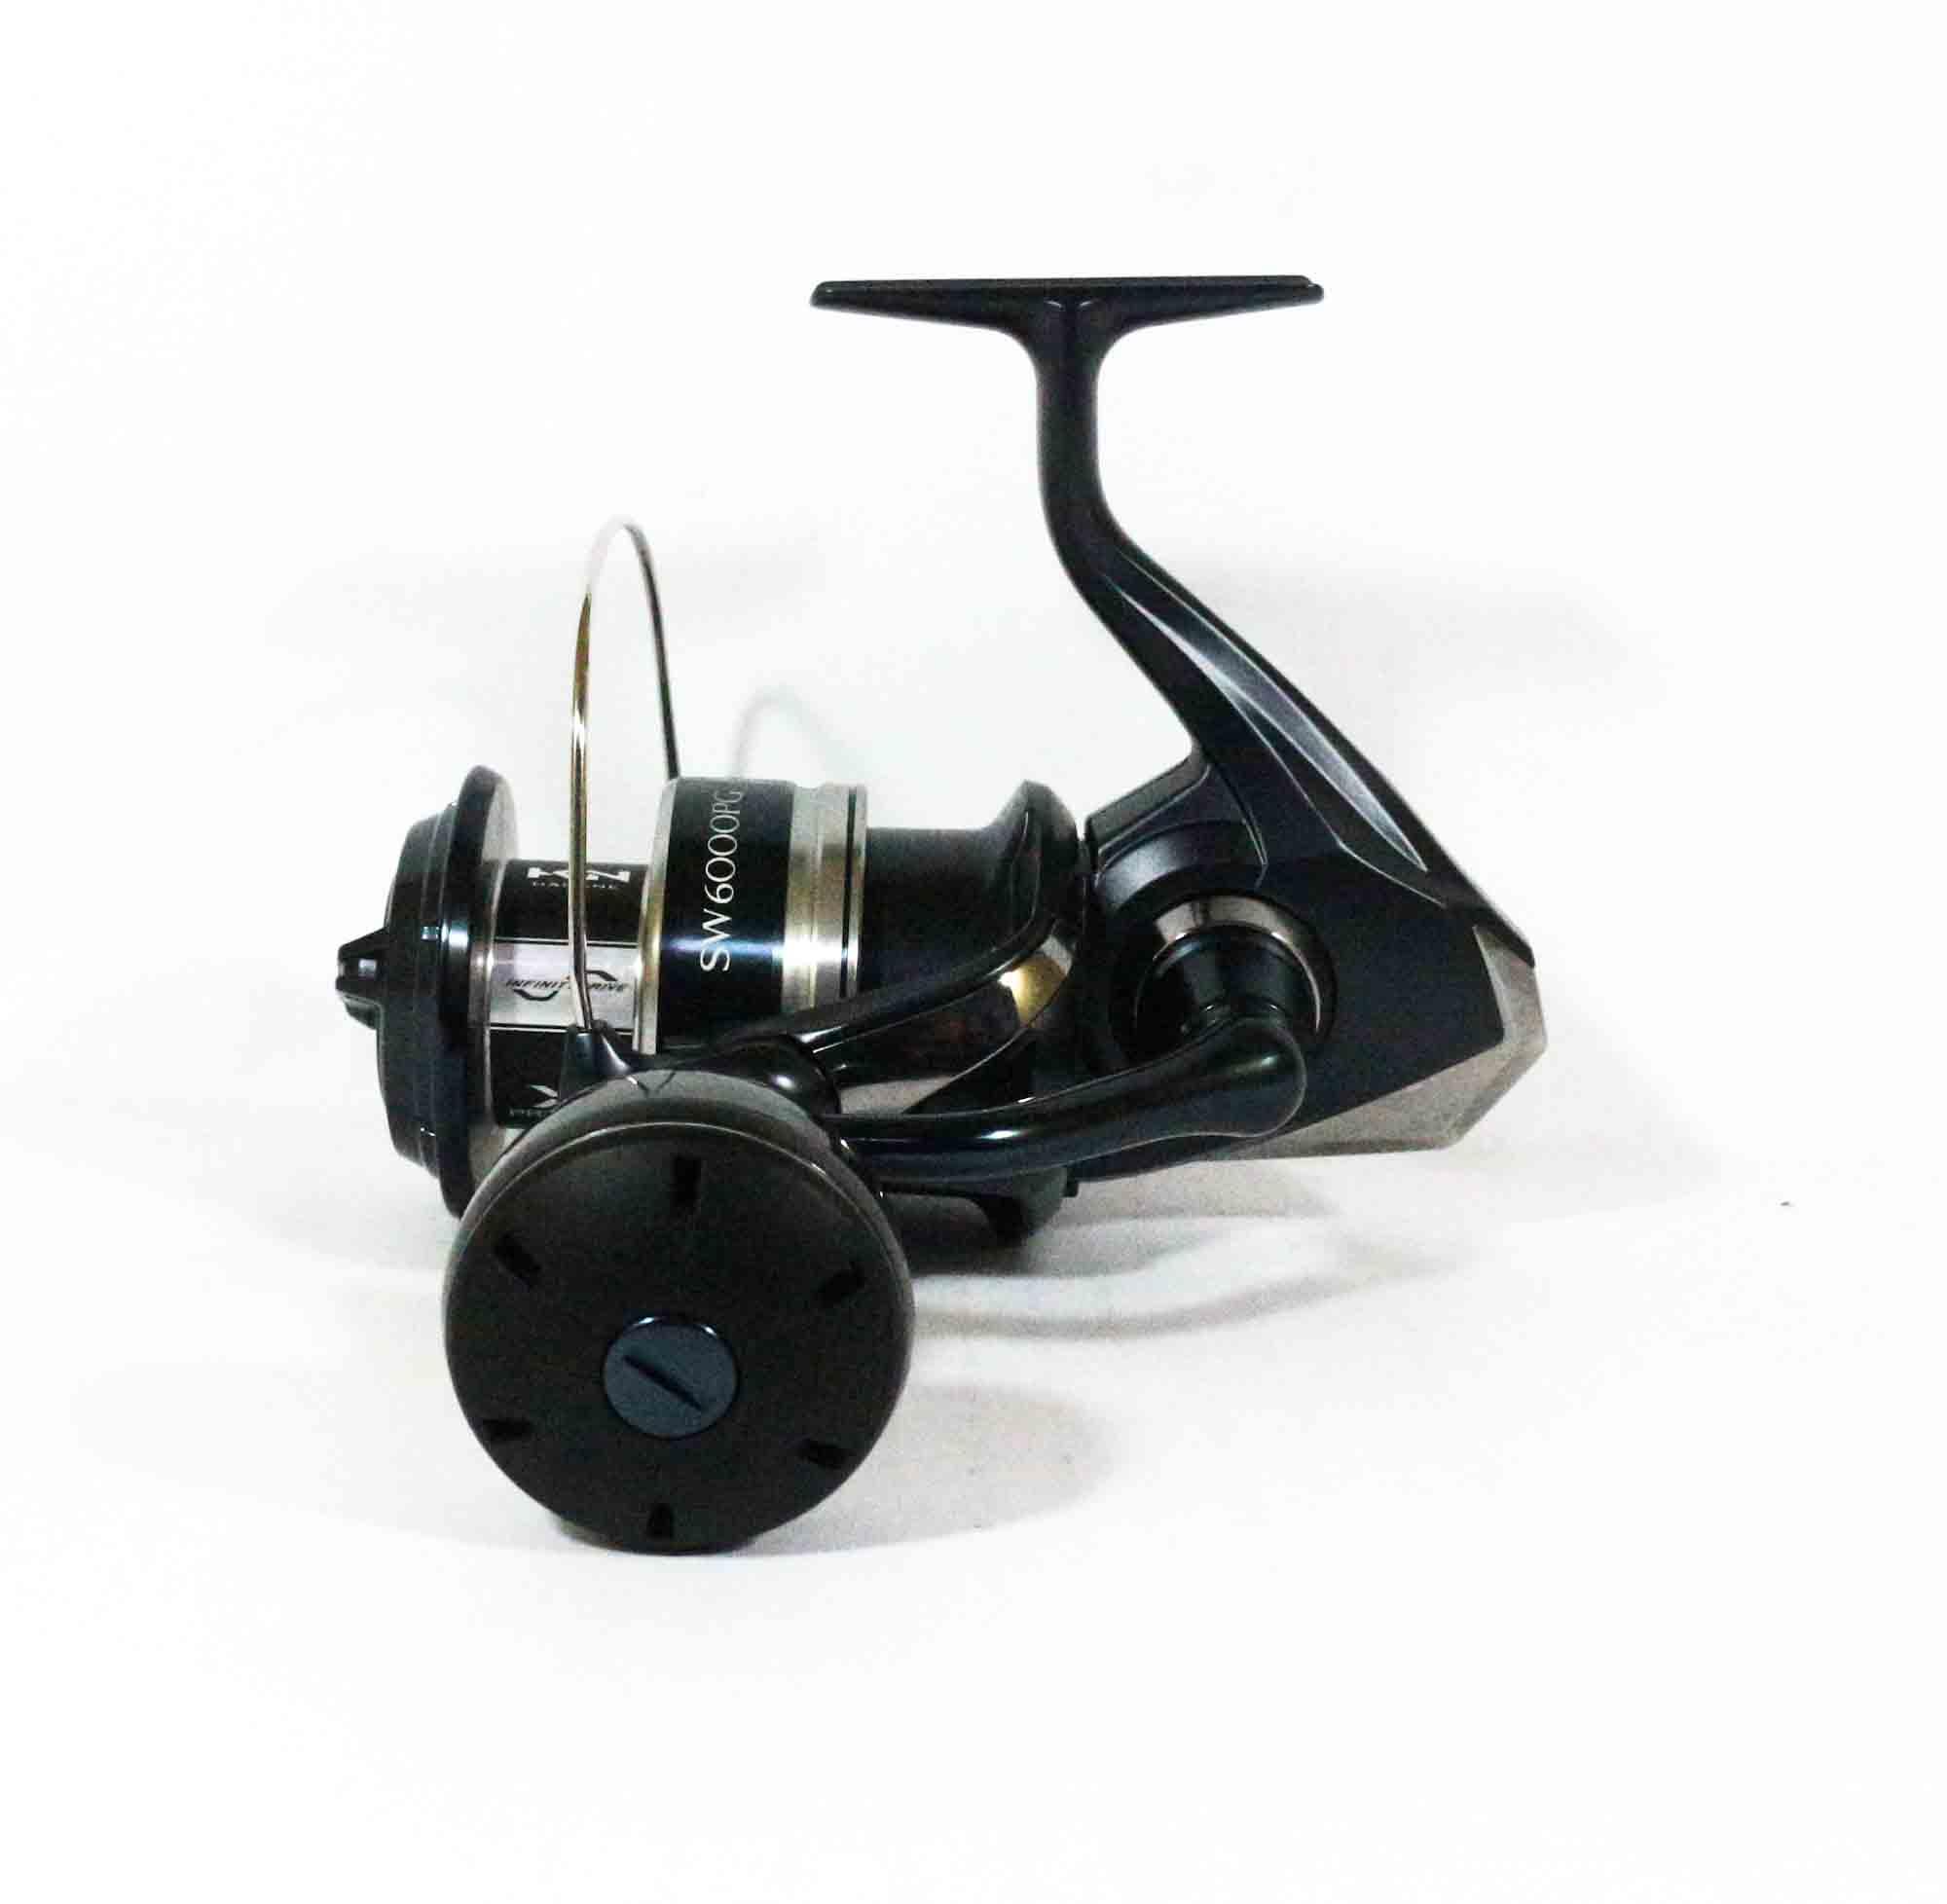 Shimano Reel Spinning Stradic SW 6000 PG 2020 (2453)